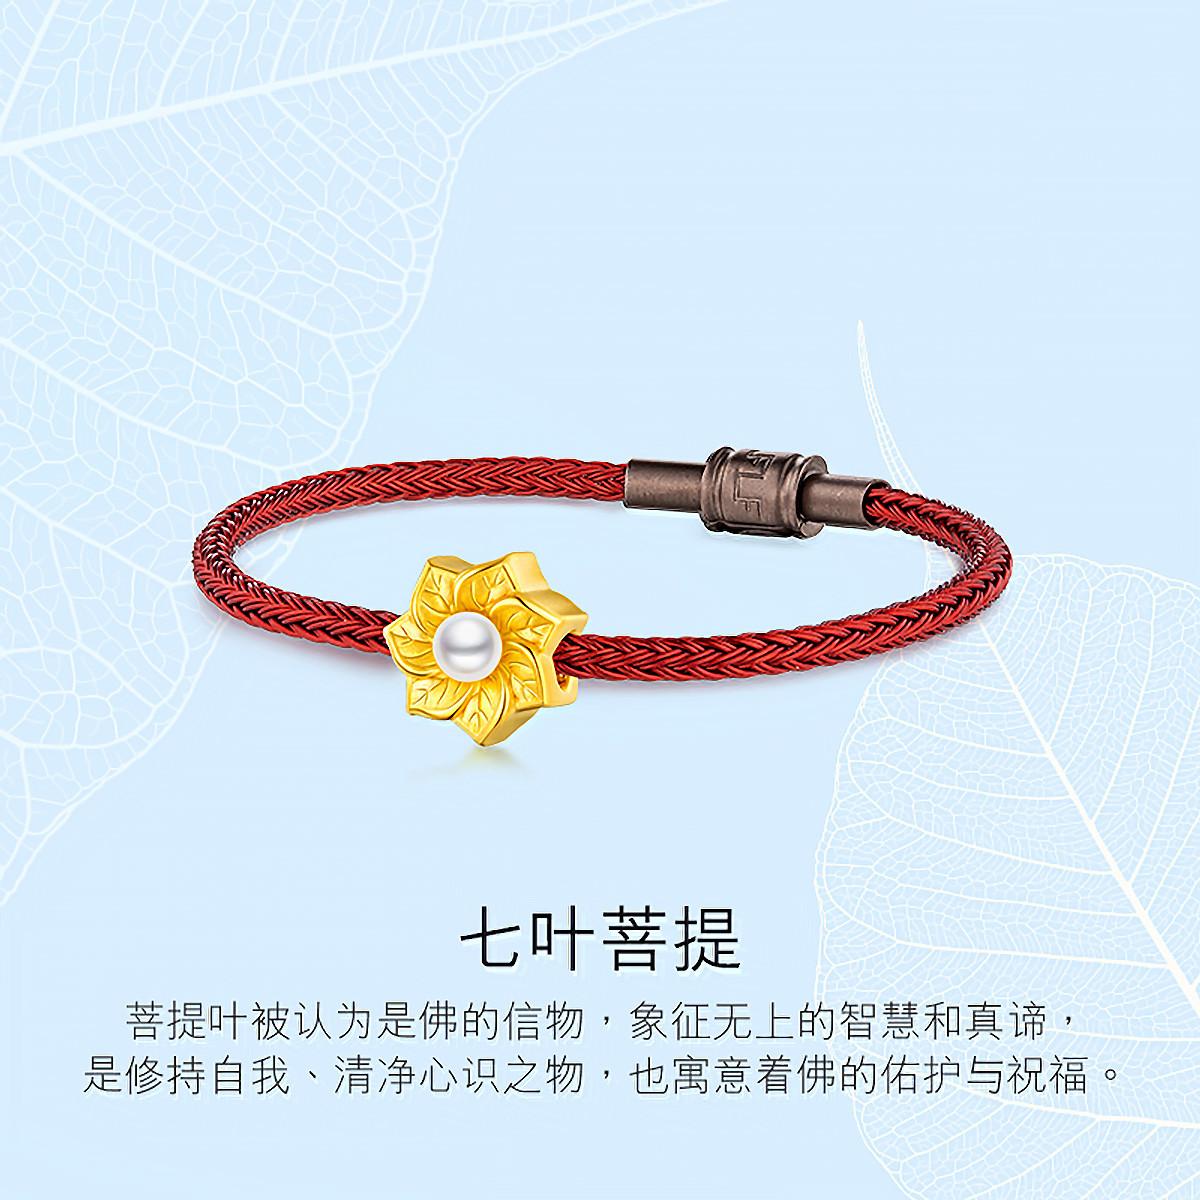 六福珠宝六福珠宝七叶菩提黄金淡水珍珠路路通串珠女款 定价L01A1TBP0032